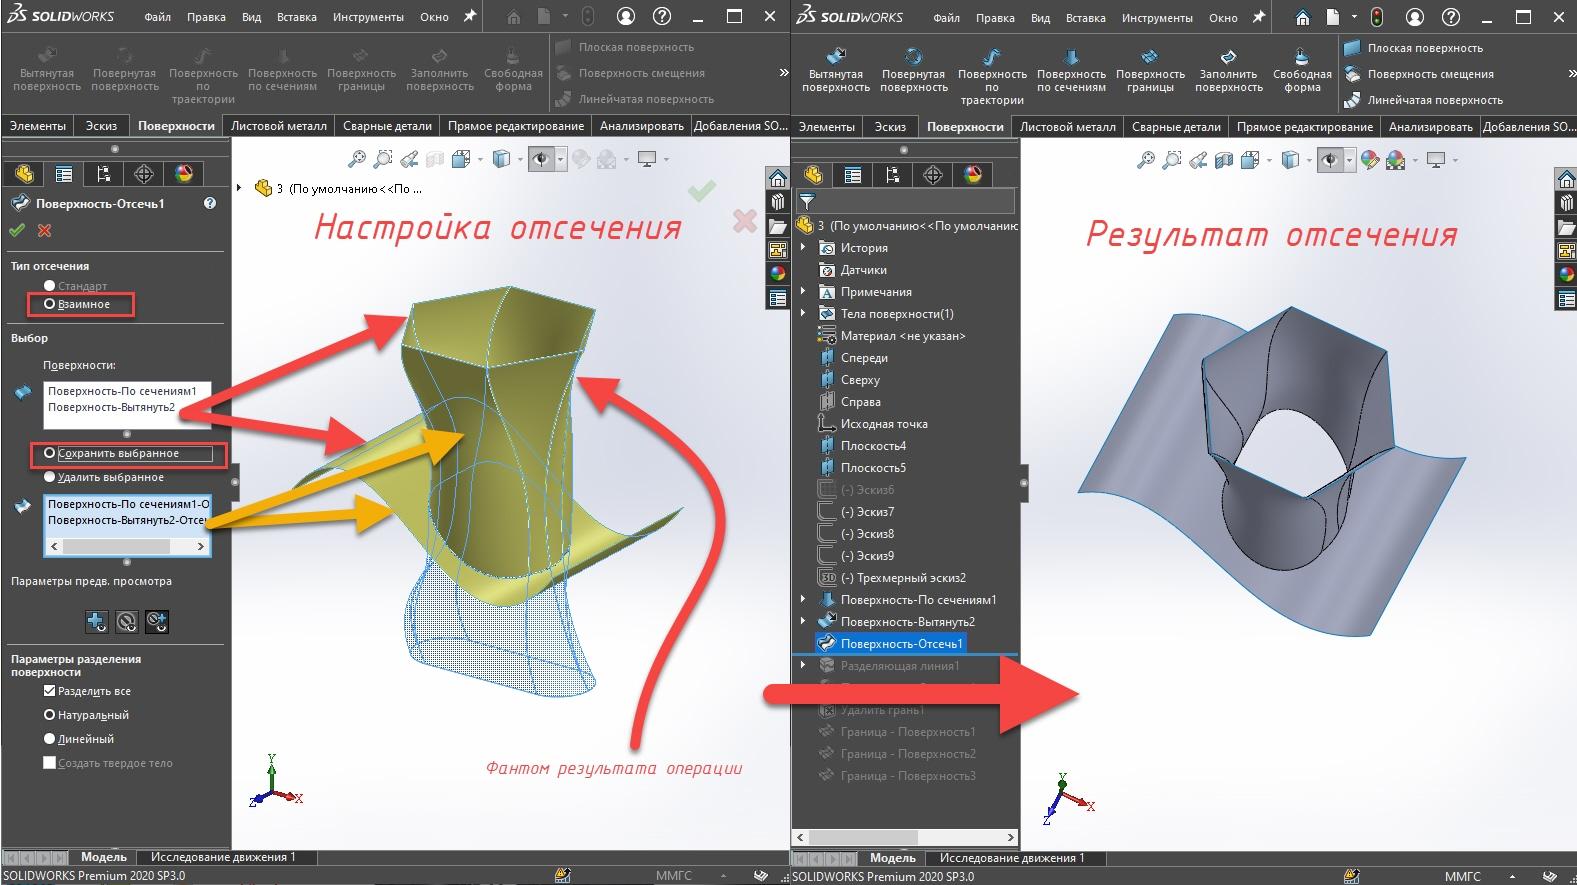 Solidworks поверхности, Solidworks инструменты поверхностного проектирования,  SOLIDWORKS отсечение поверхностей, SOLIWORKS тип отсечение поверхности.